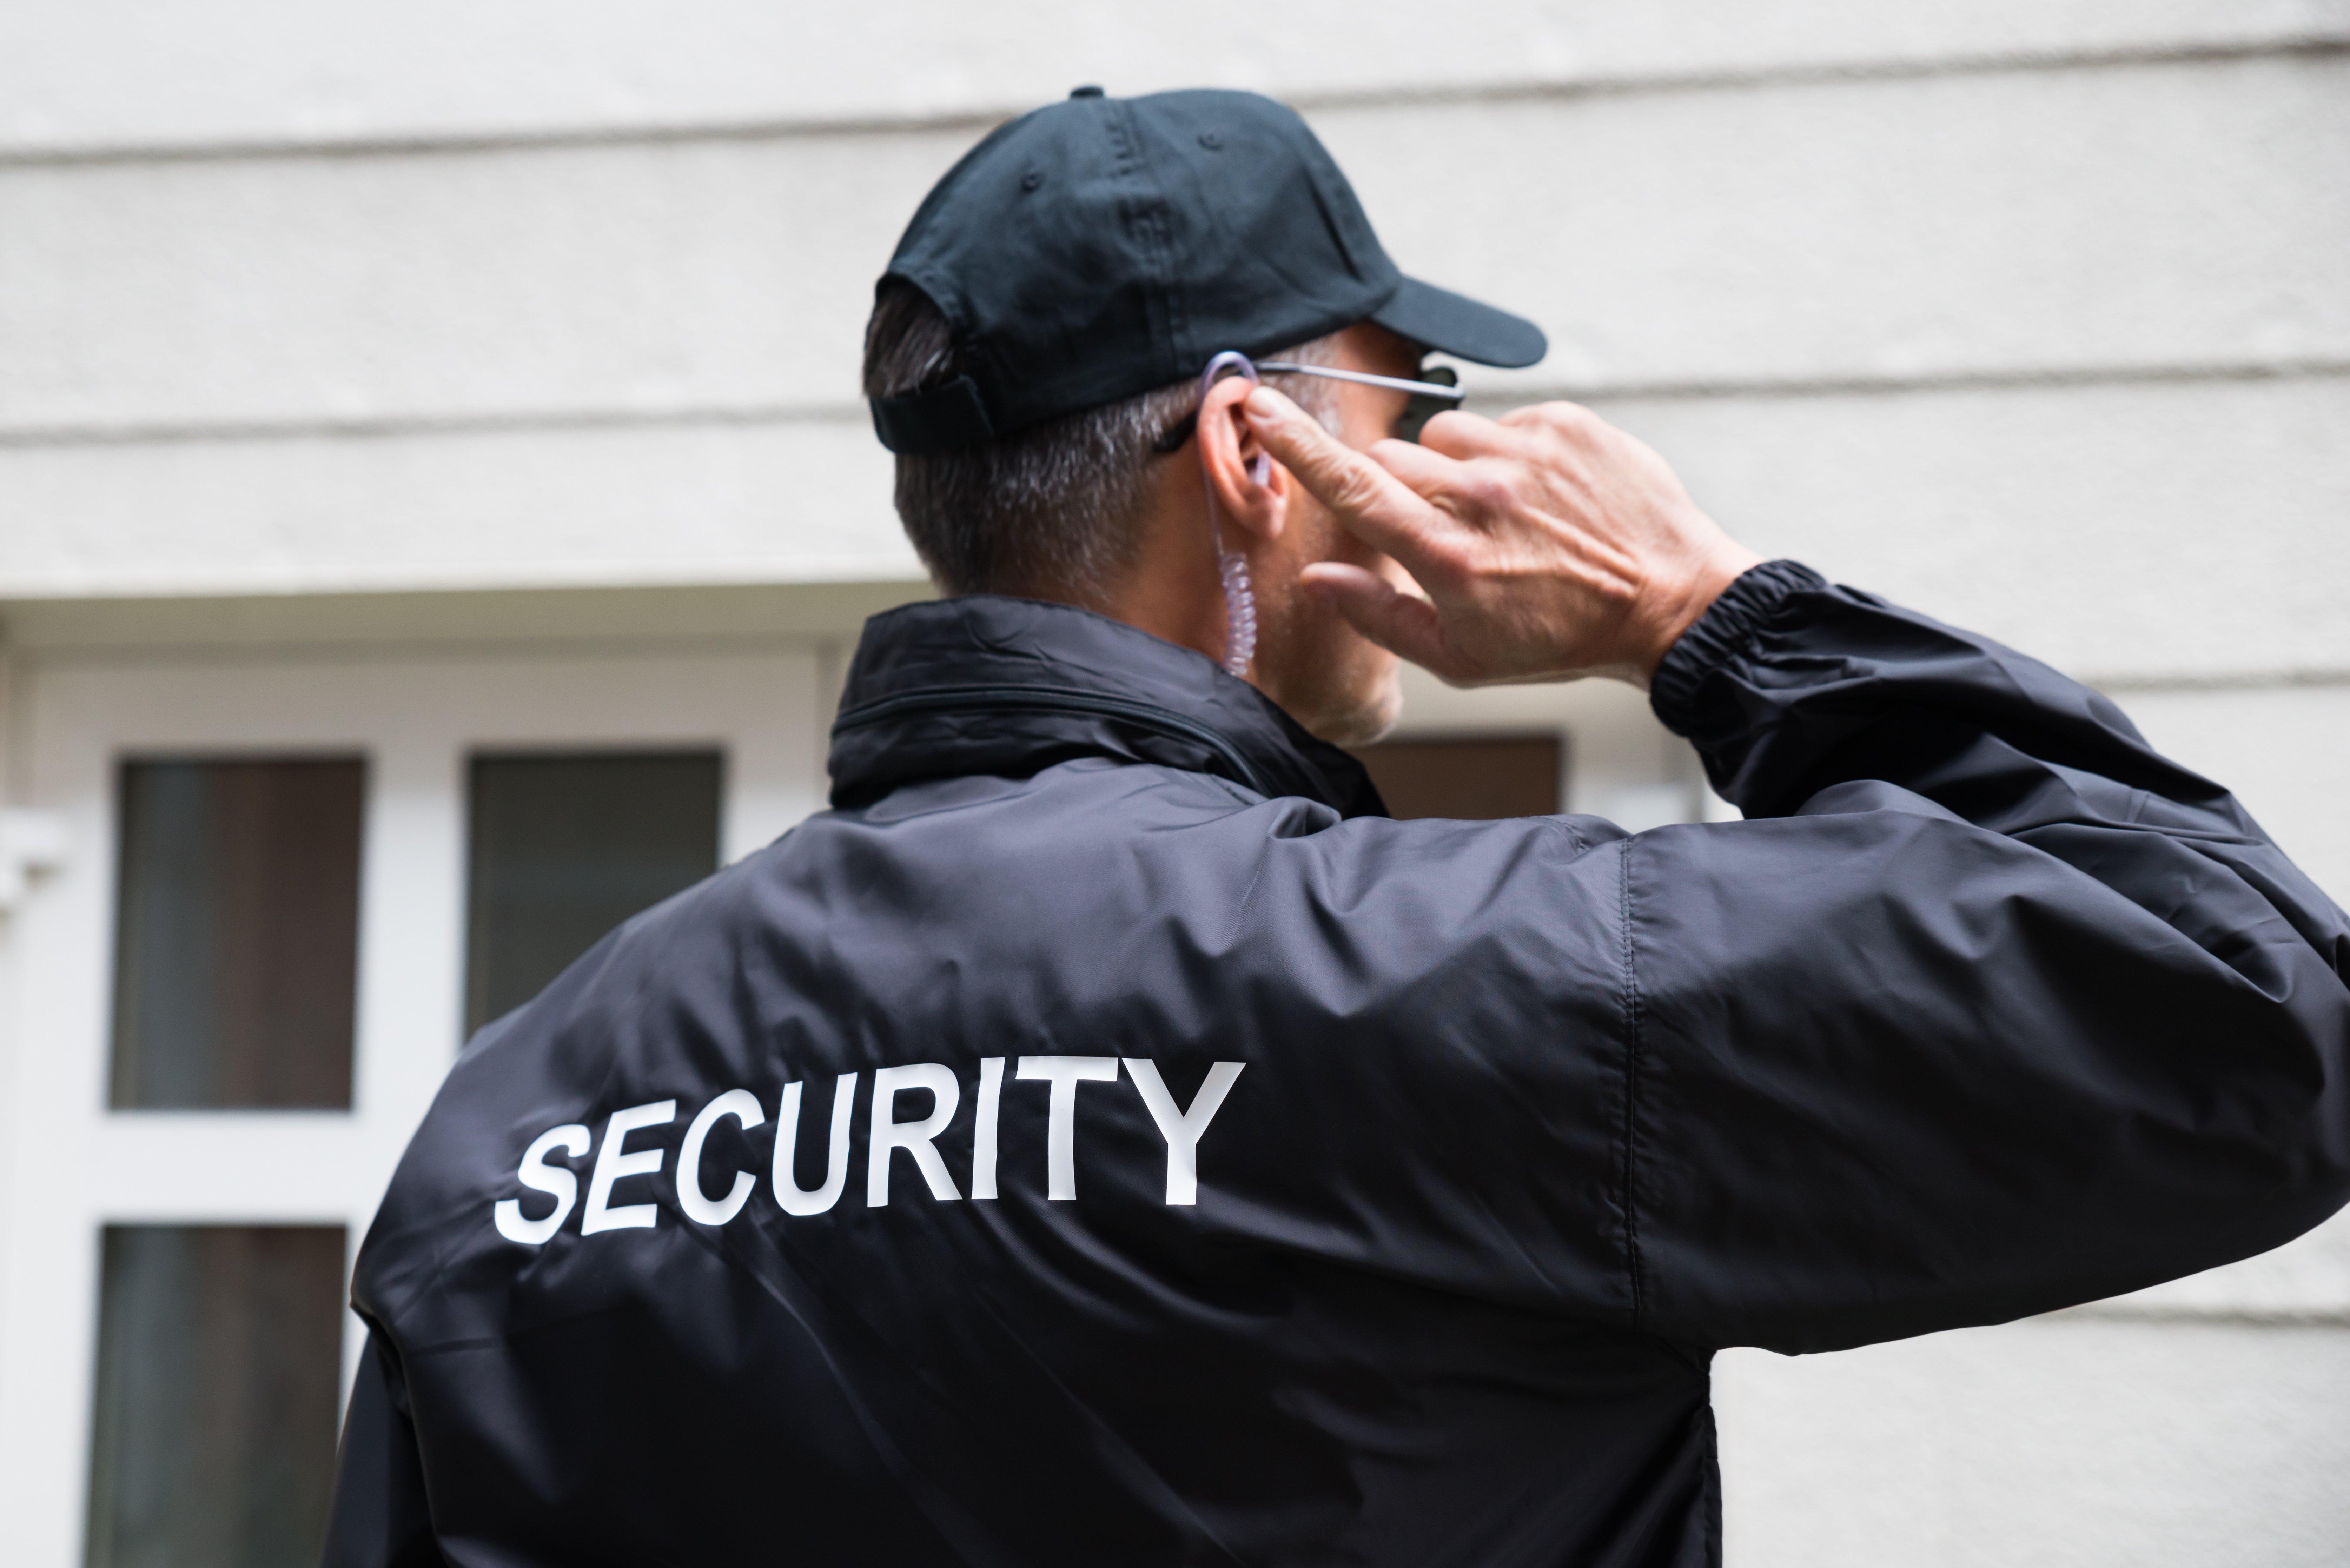 Beveiligingsbedrijf kopen